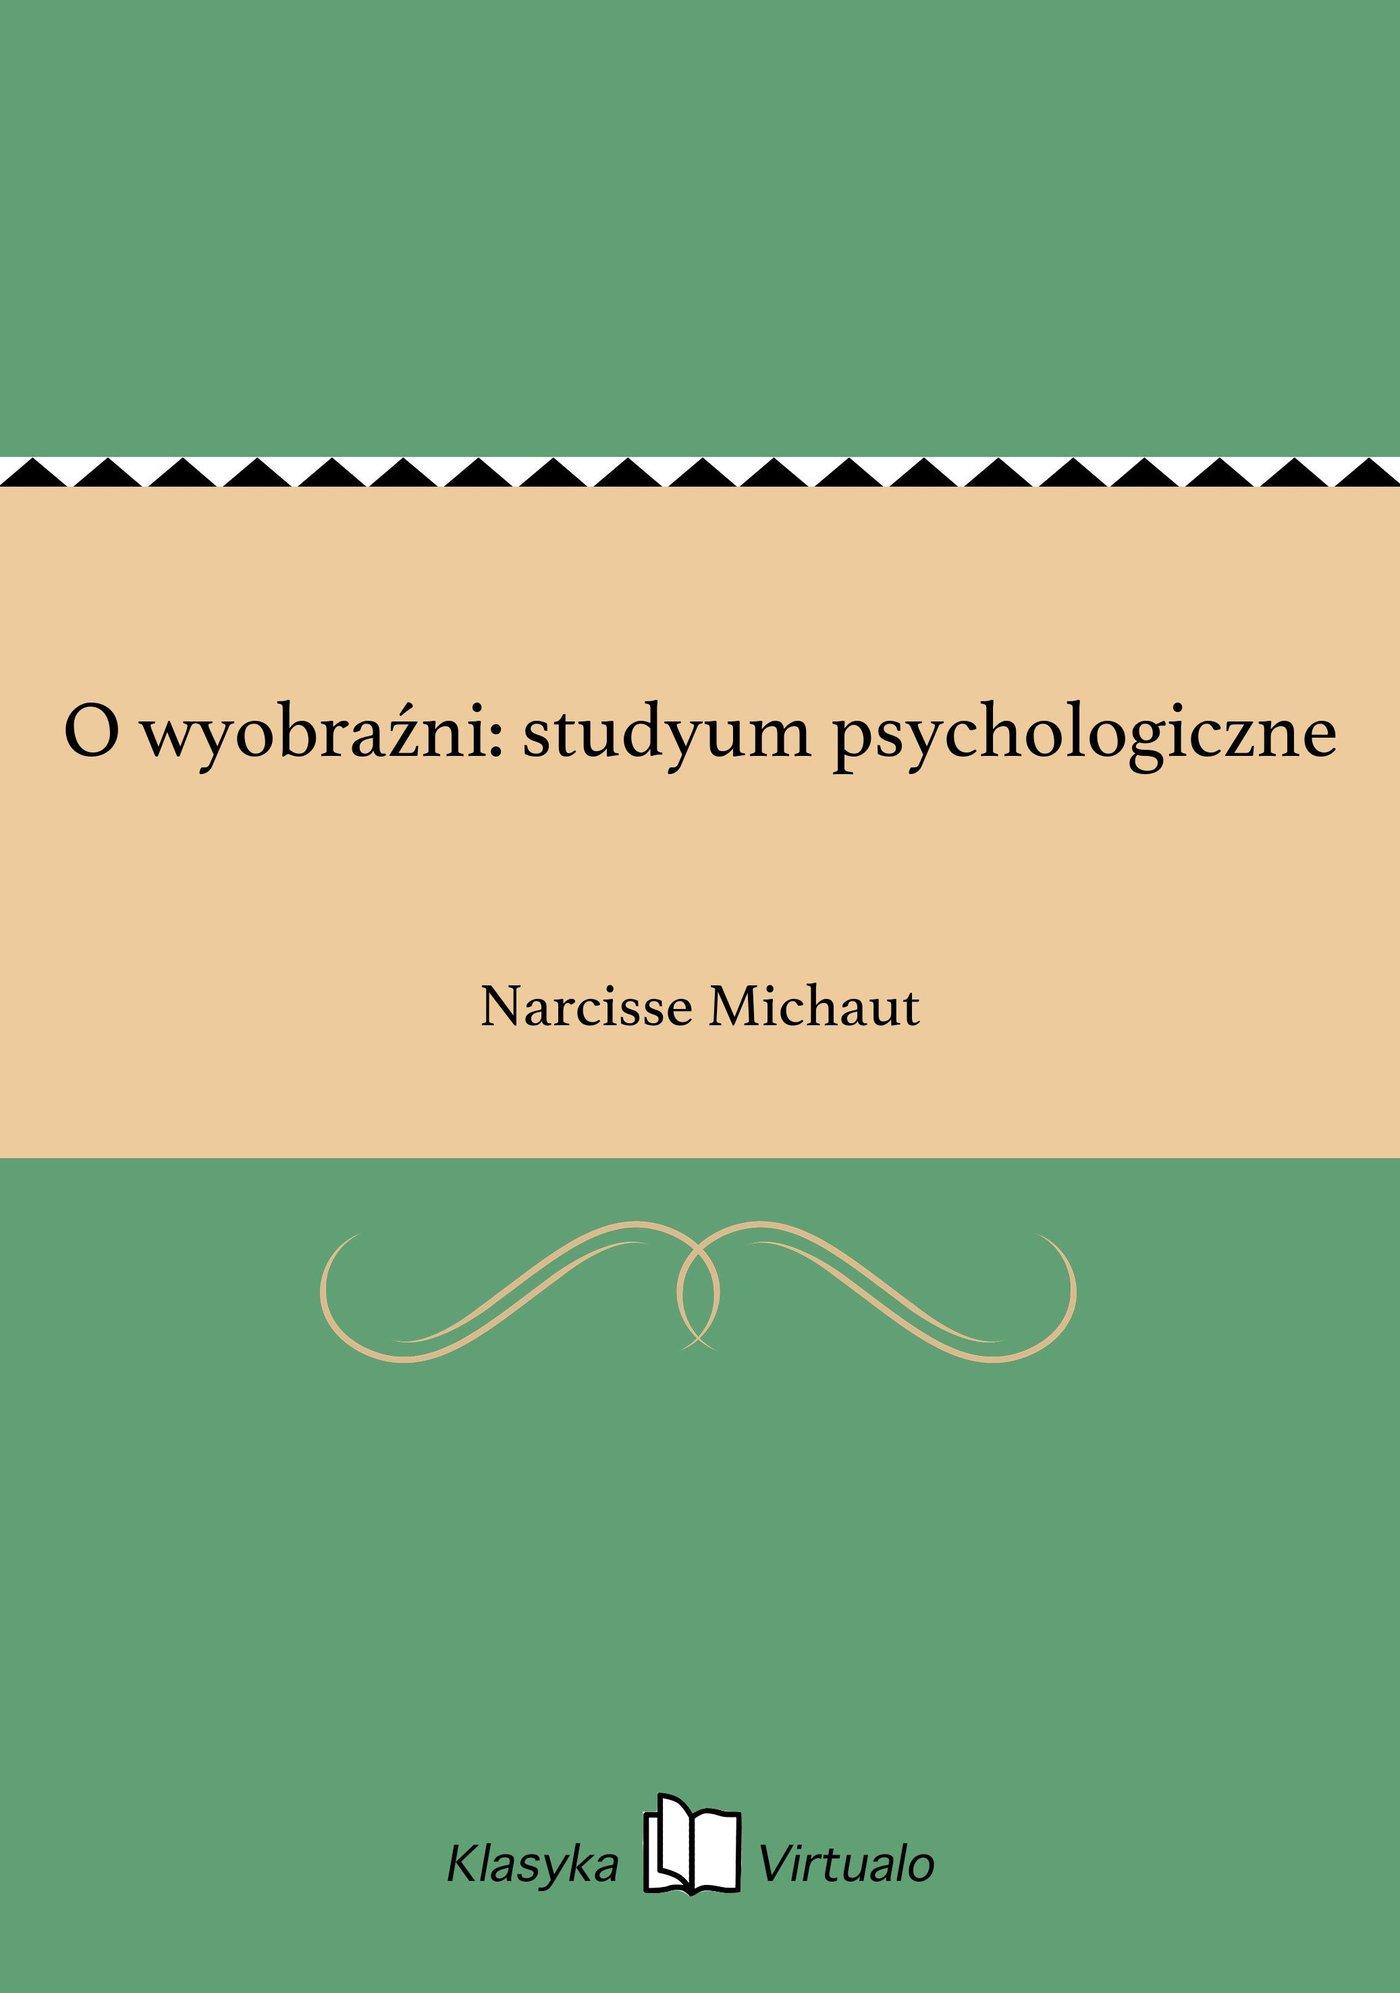 O wyobraźni: studyum psychologiczne - Ebook (Książka na Kindle) do pobrania w formacie MOBI